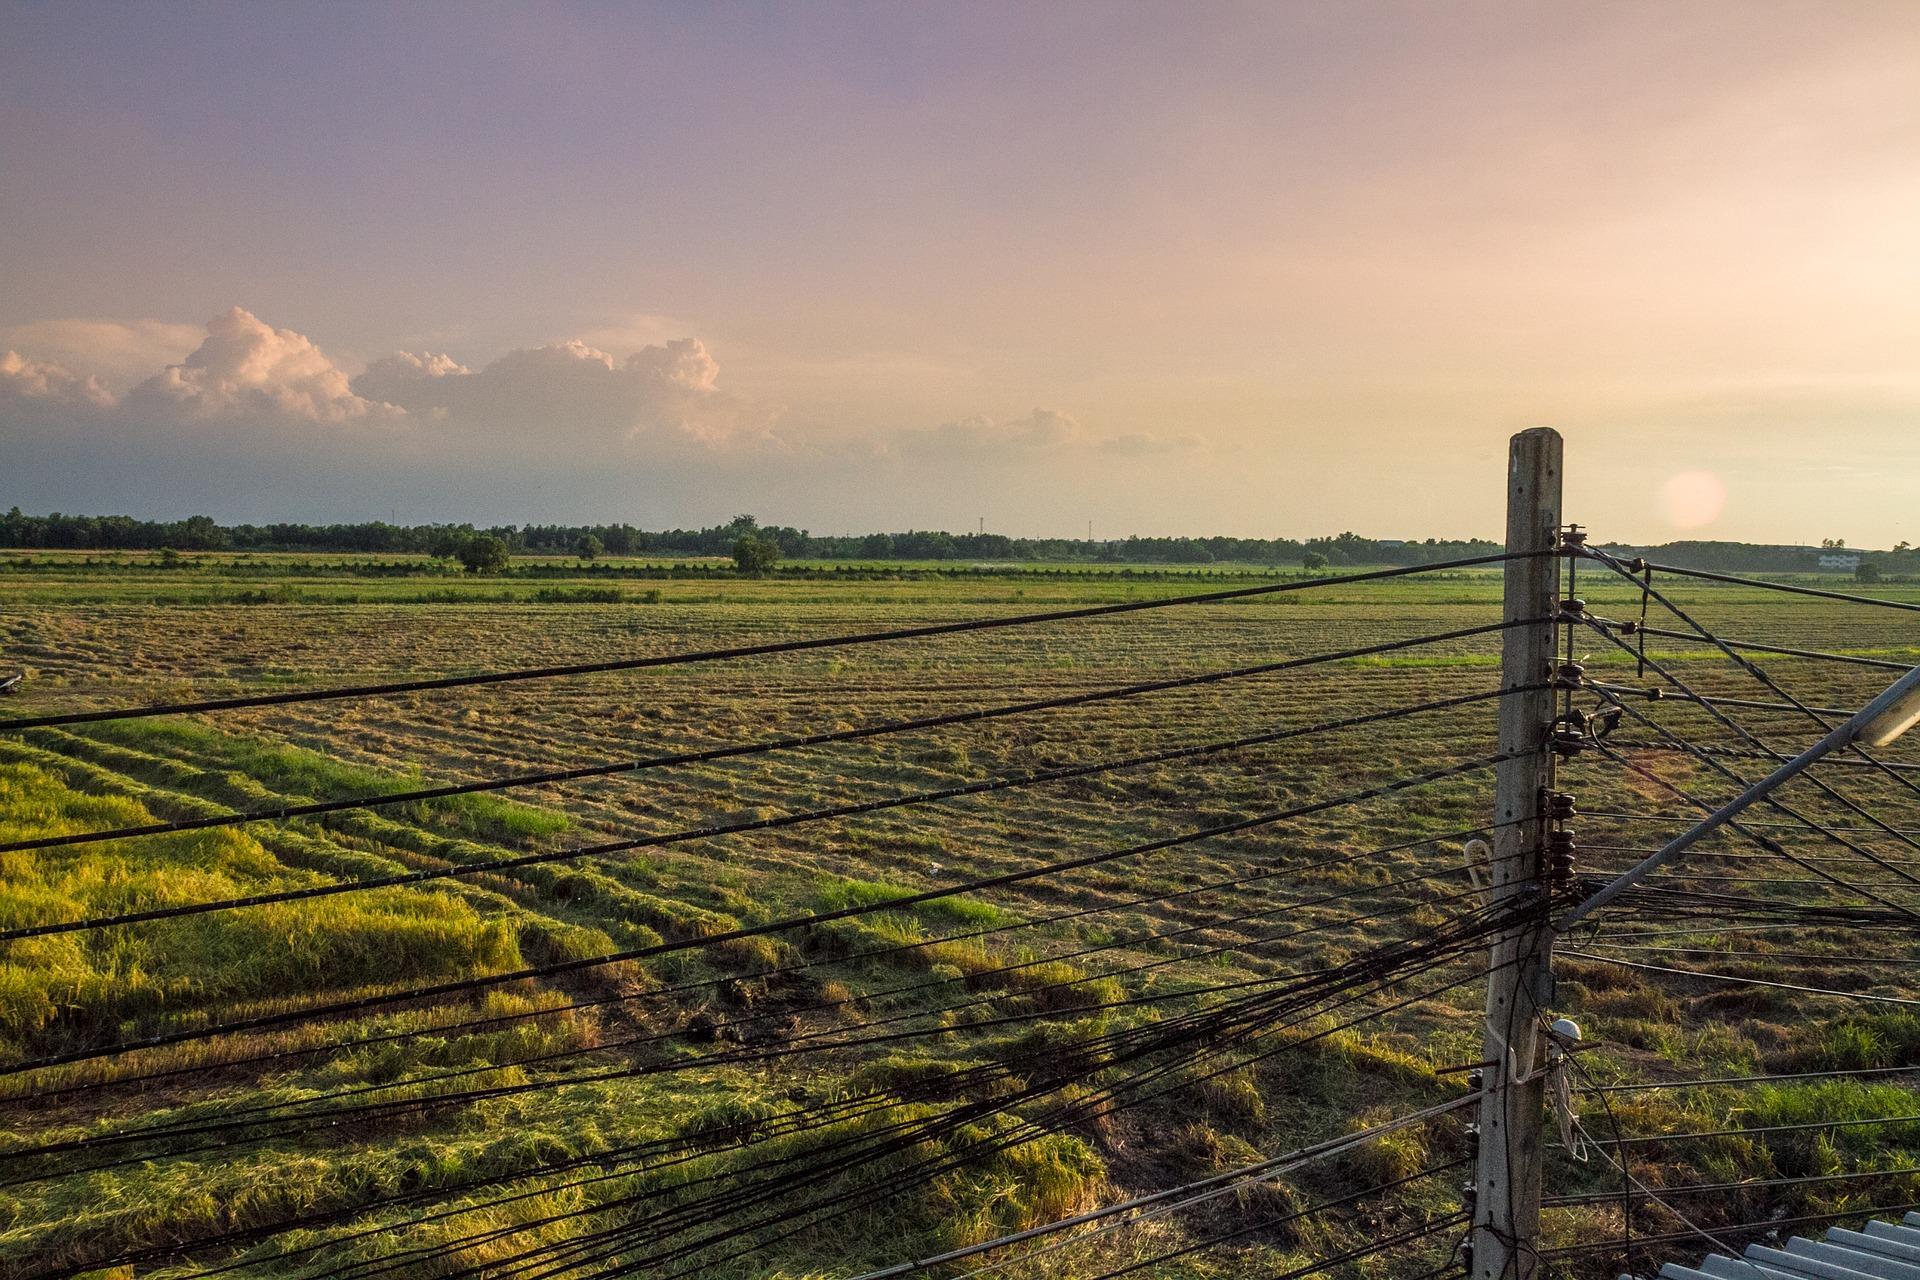 Erwerb eines landwirtschaftlichen Grundstücks durch einen Mitgesellschafter